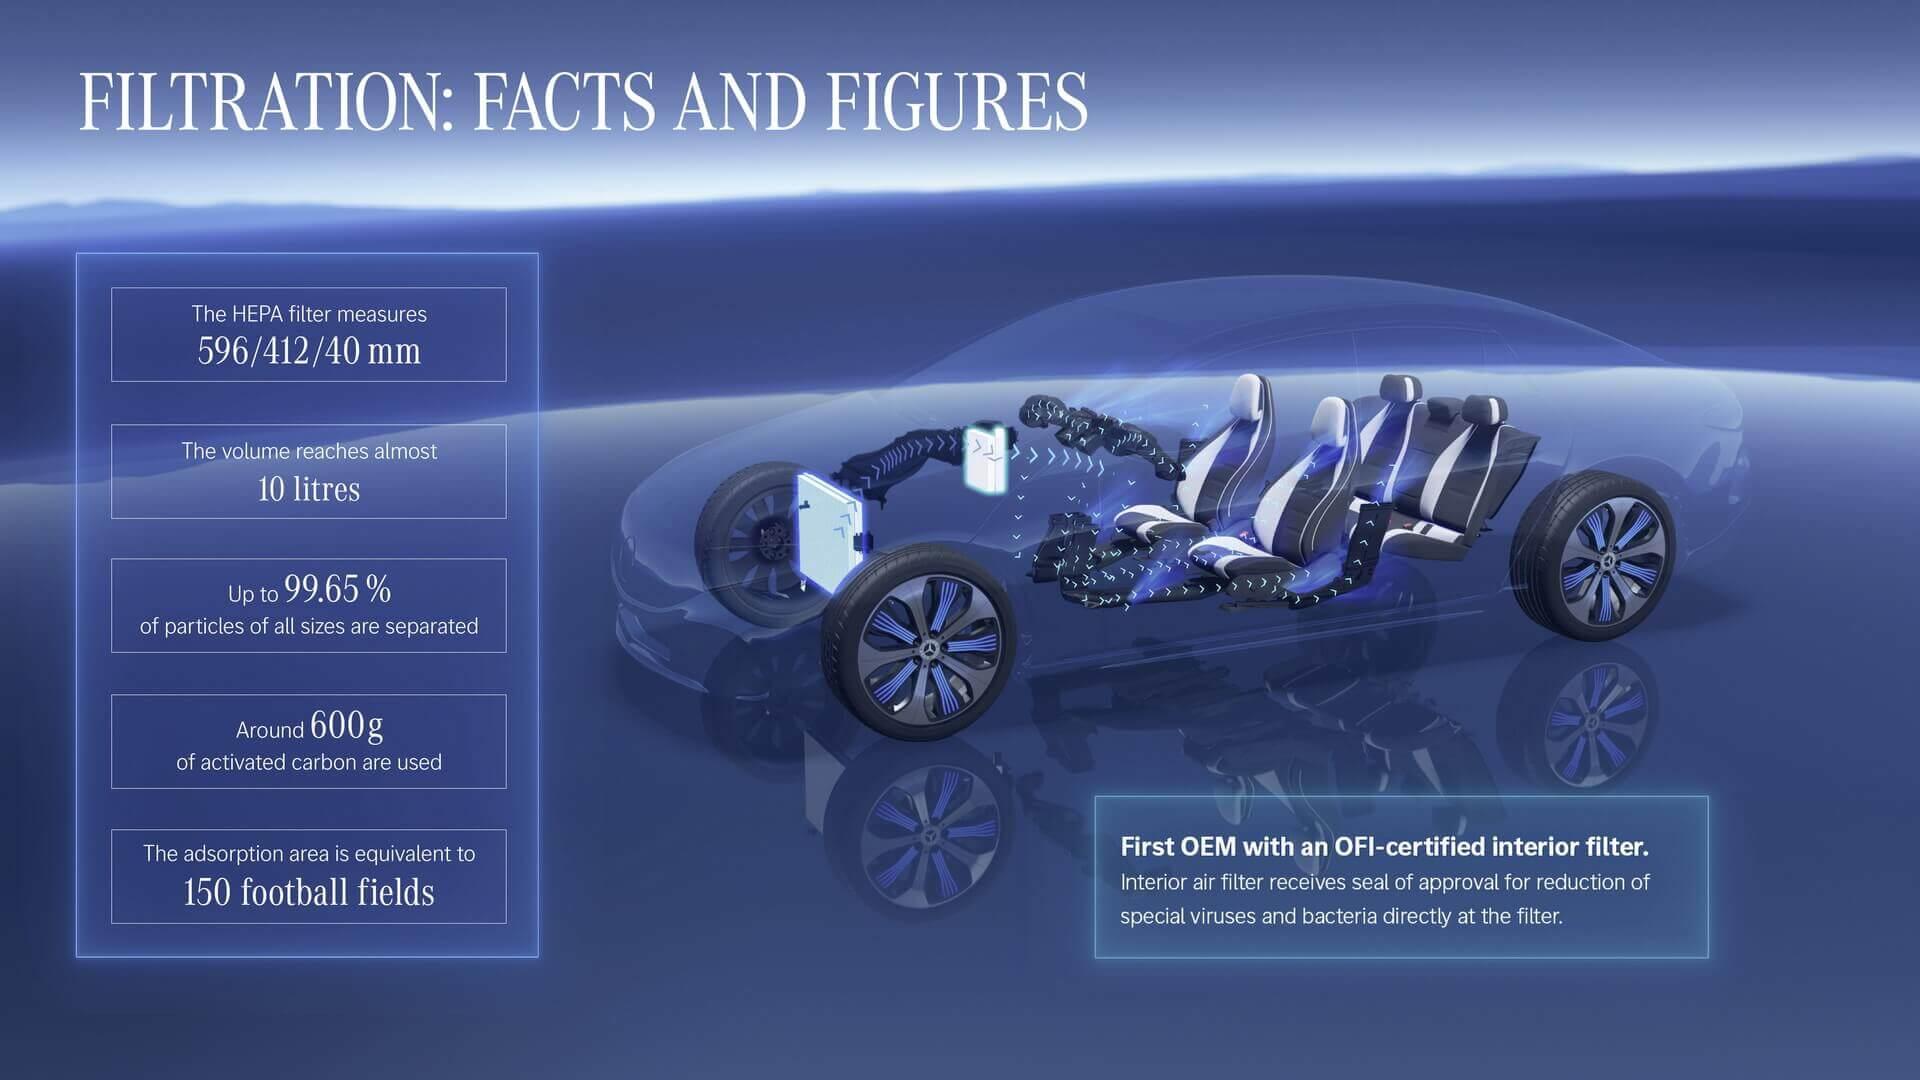 По заявлению Mercedes-Benz, HEPA-фильтр может предотвратить попадание в кабину 99,65% твердых частиц любого размера